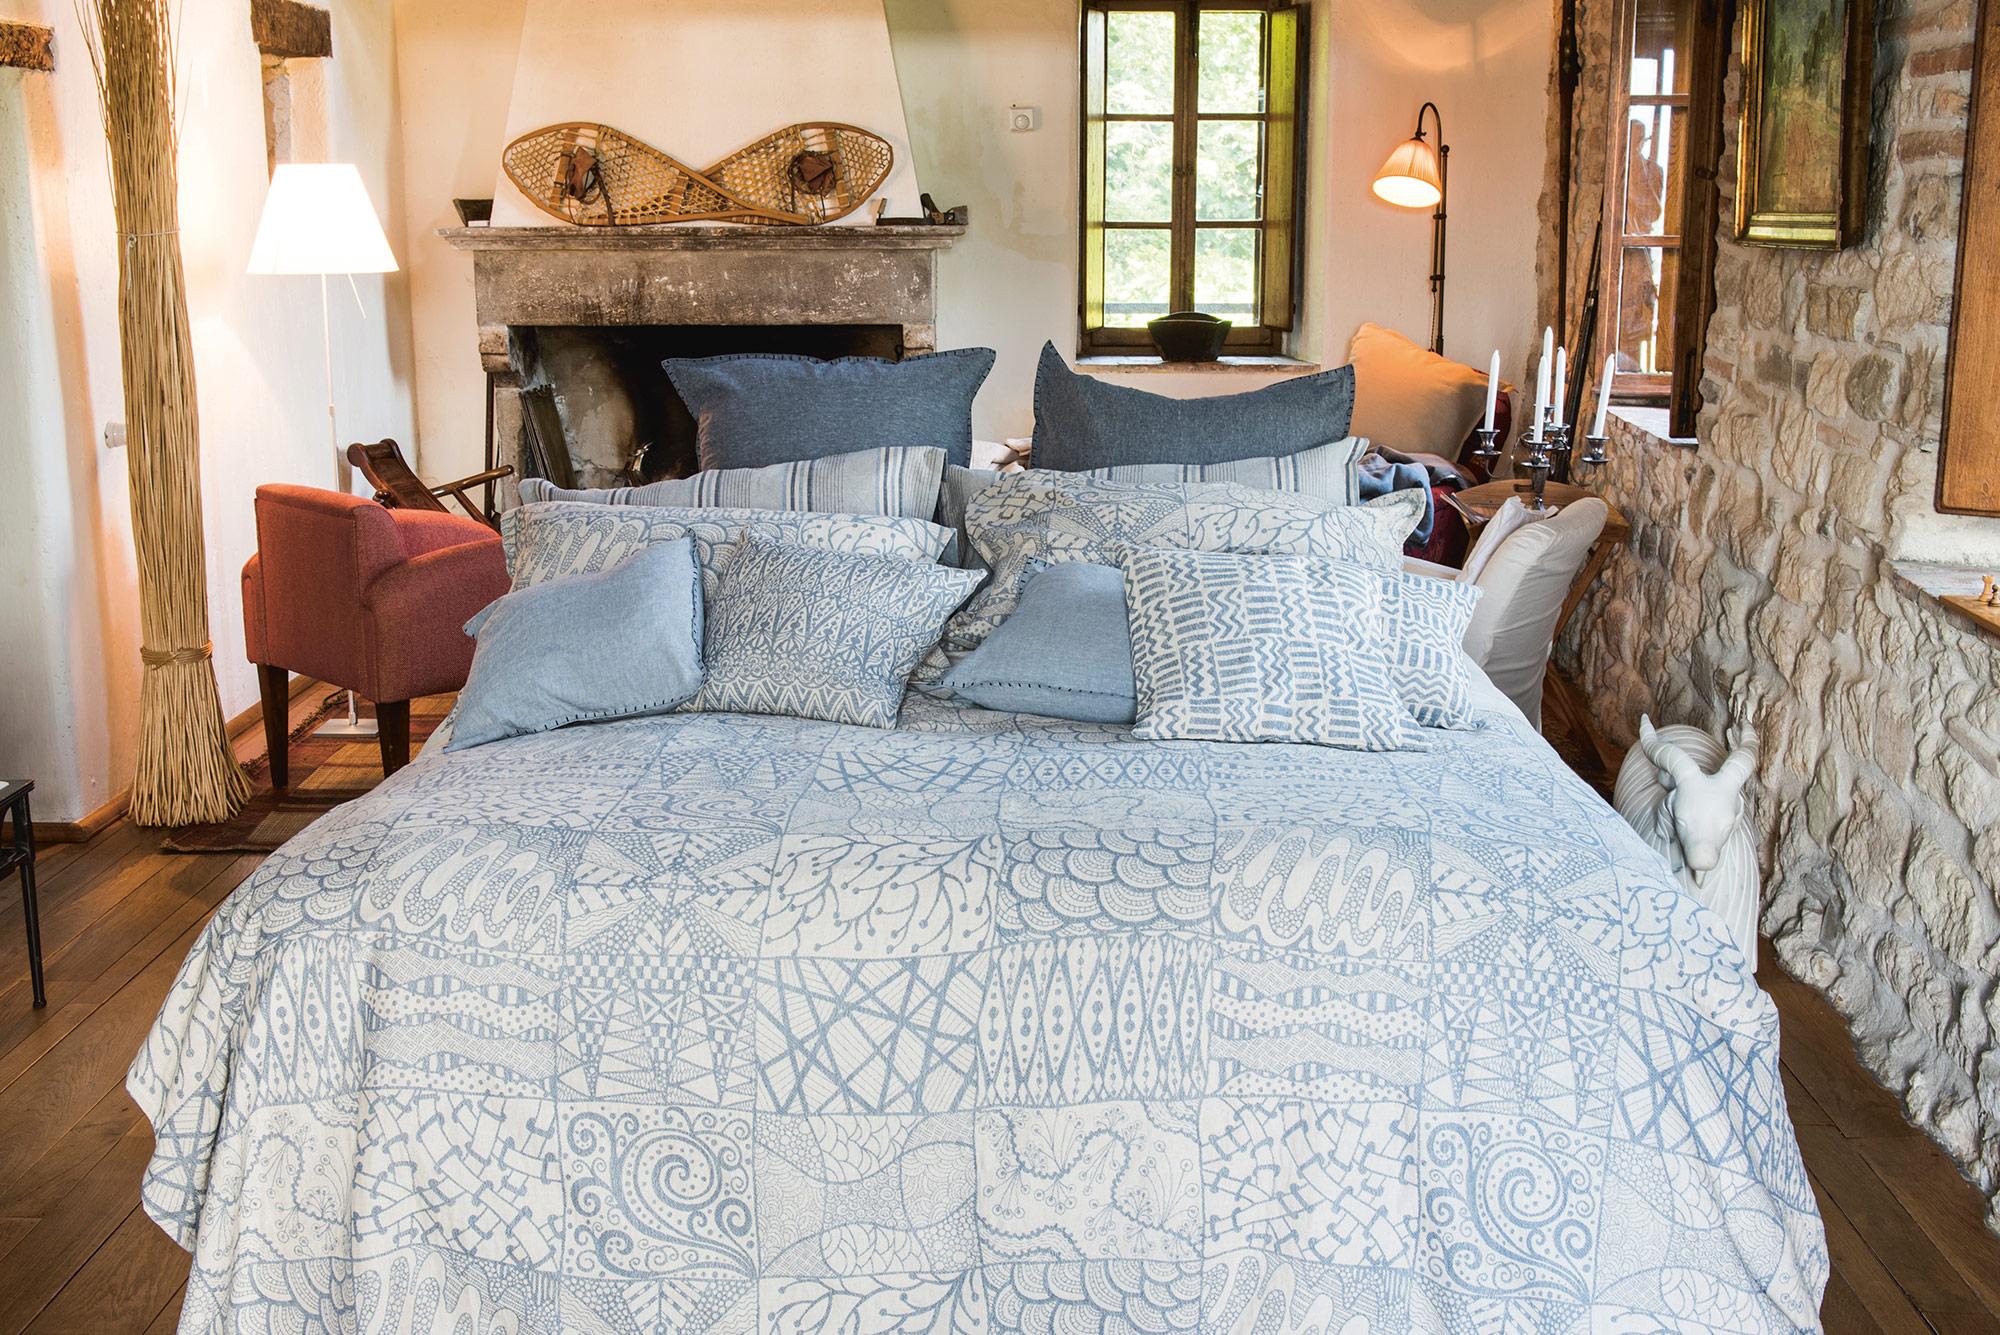 Tessitura toscane telerie le belle tovaglie stampate e l - Sognare cacca nel letto ...